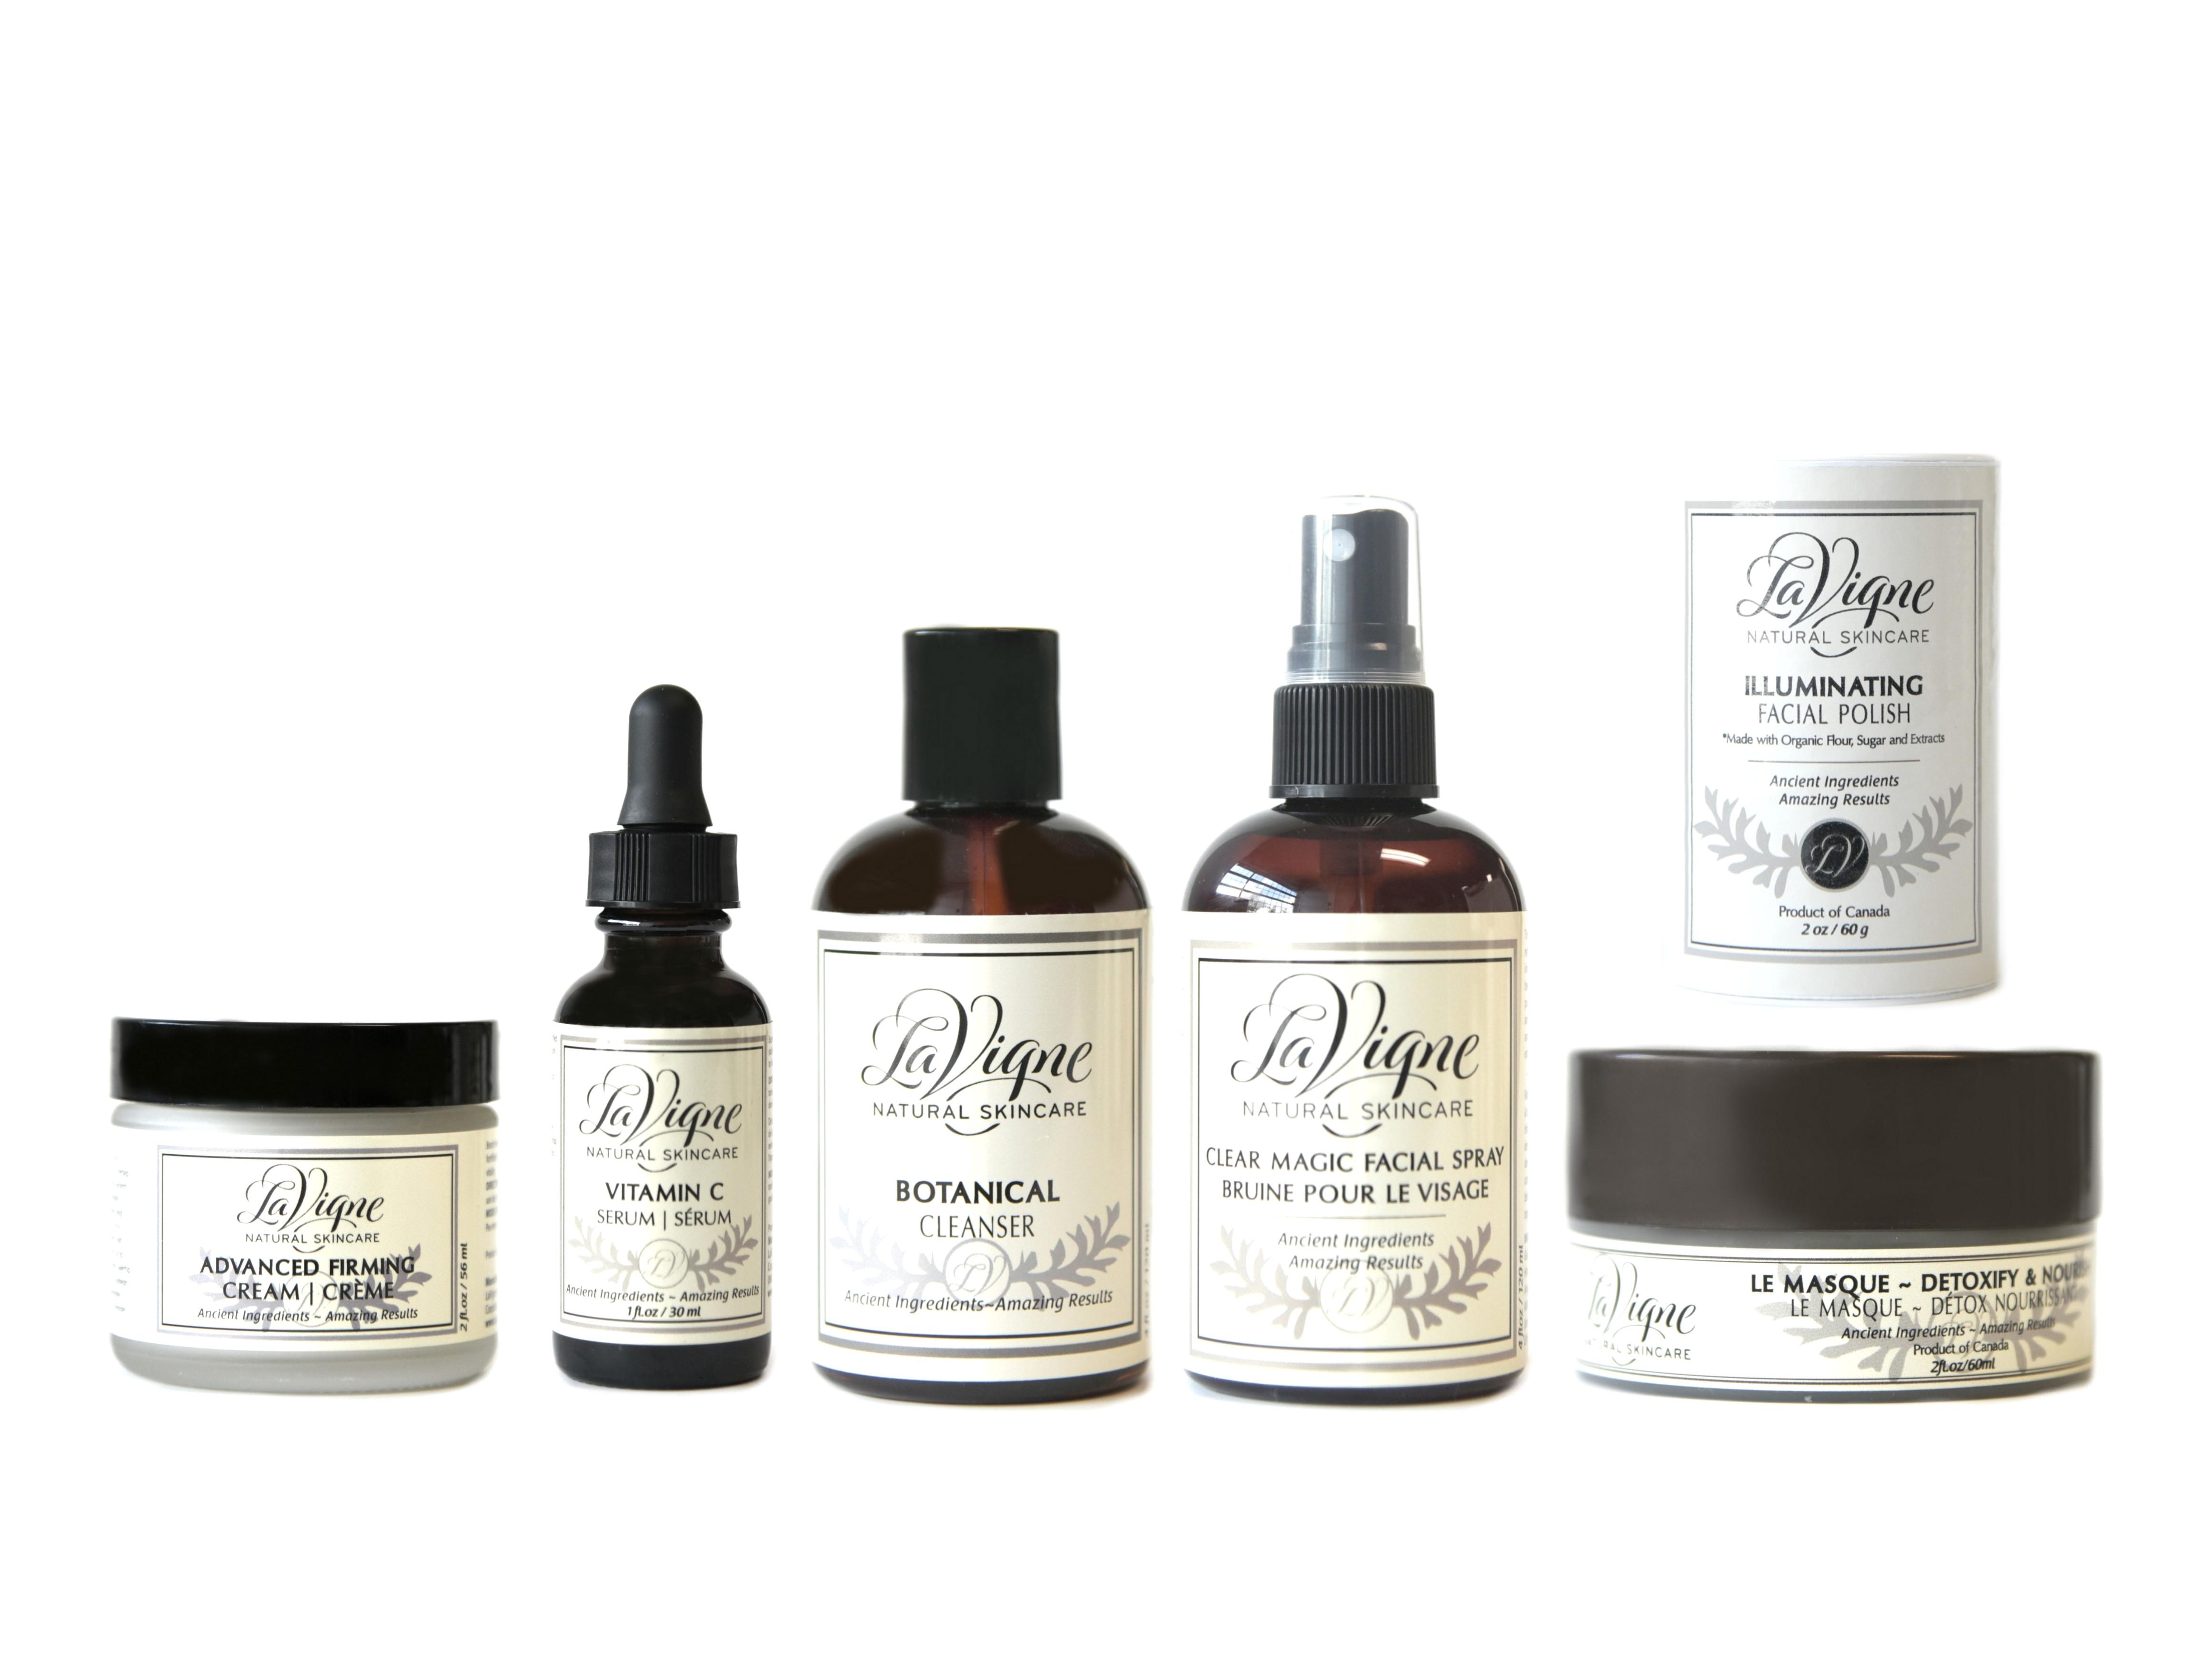 Deluxe Beauty Kit